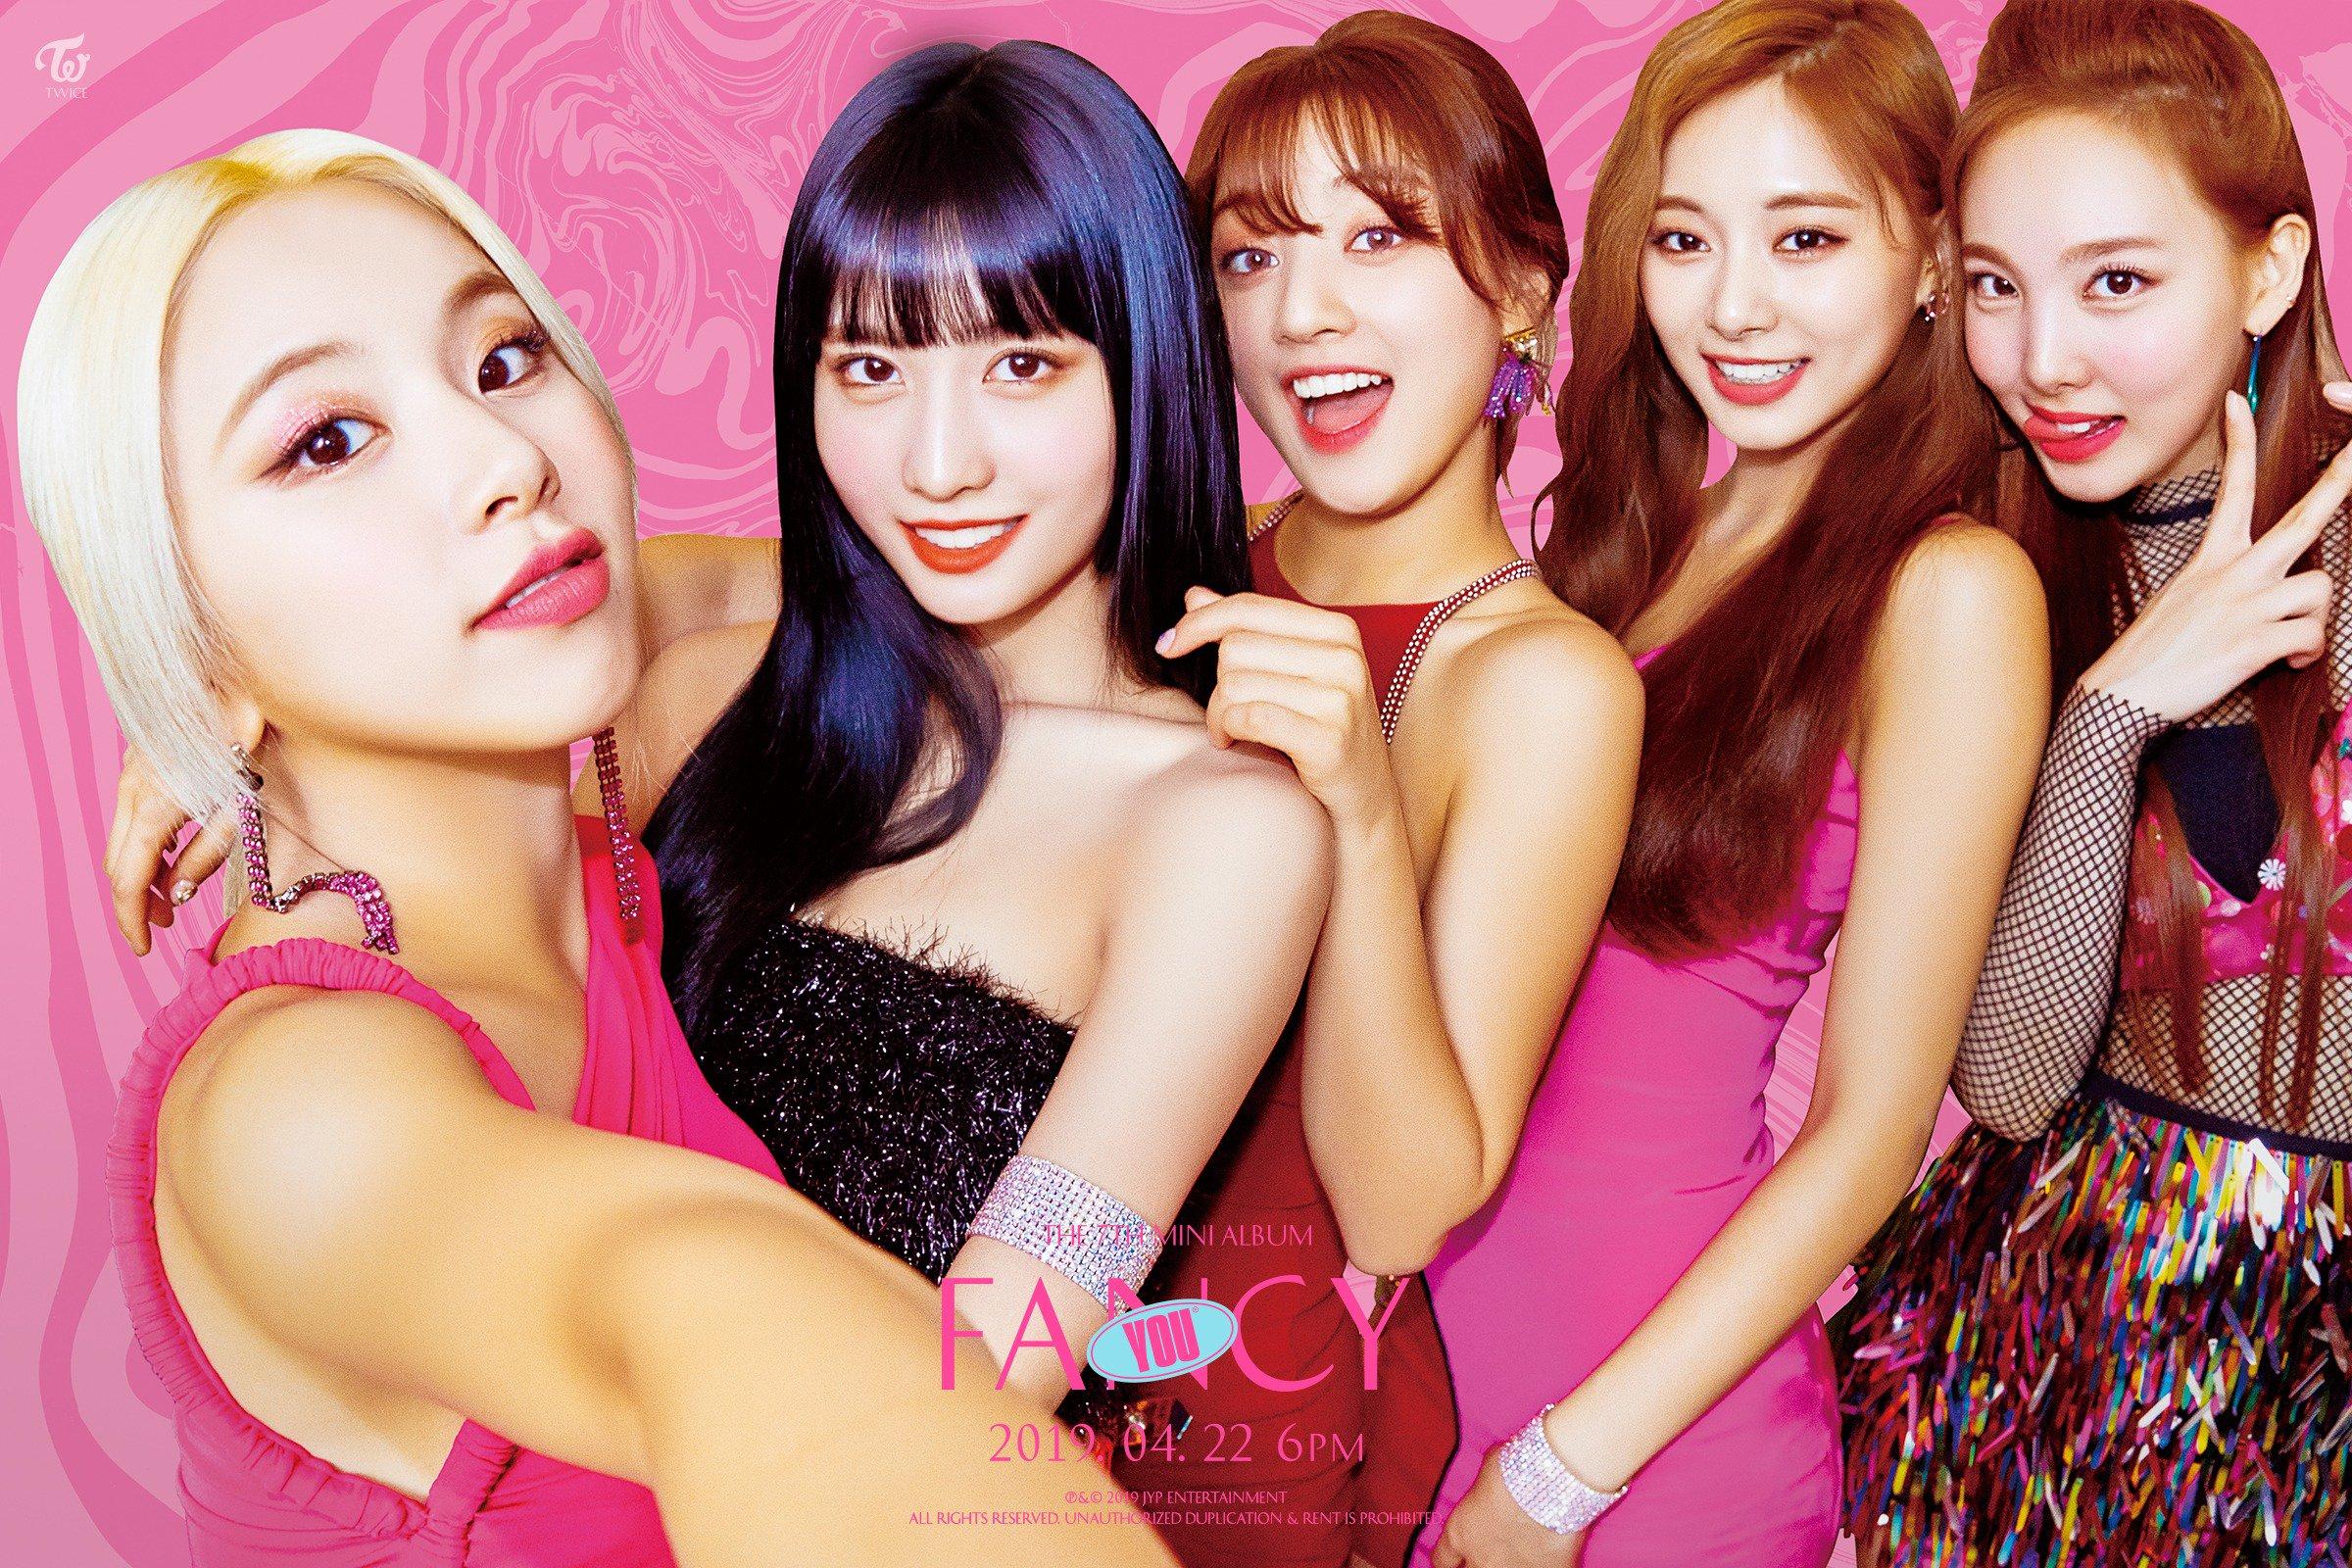 Twice – Fancy You Group Teaser Photos (HD/HR)